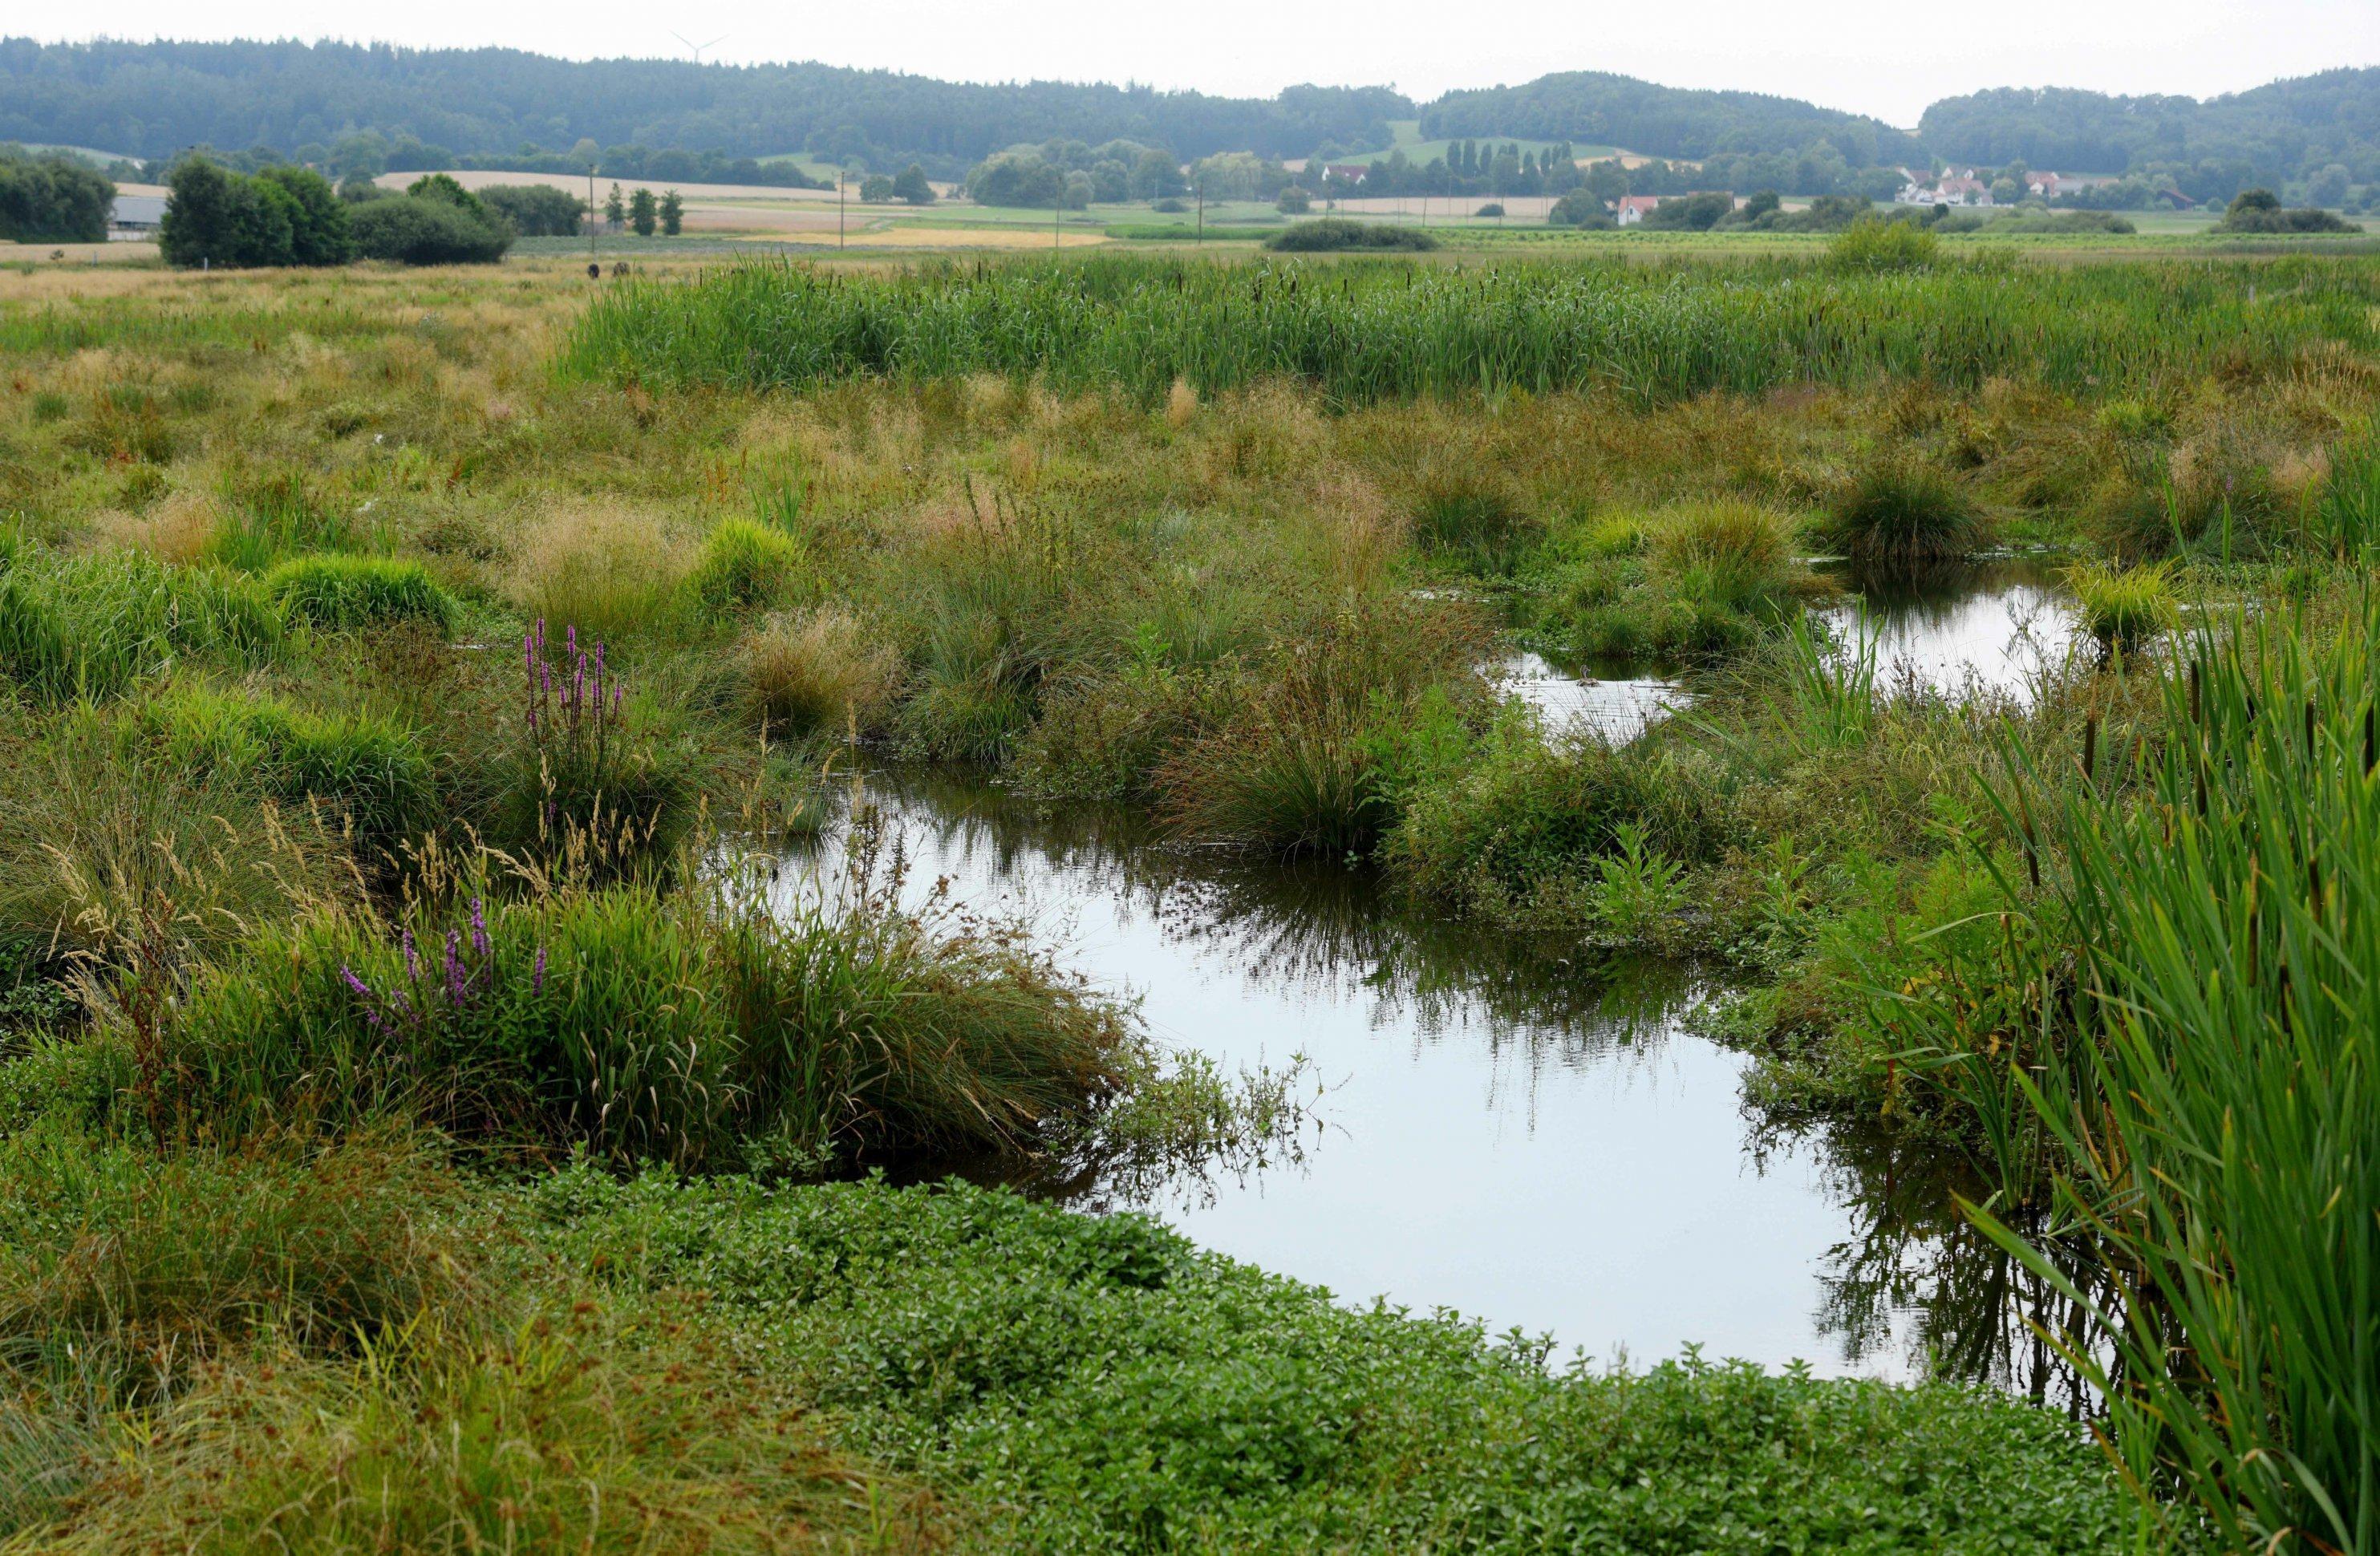 Tümpel in einem Feuchtbiotop sind umgeben von Gras- und Schilf.